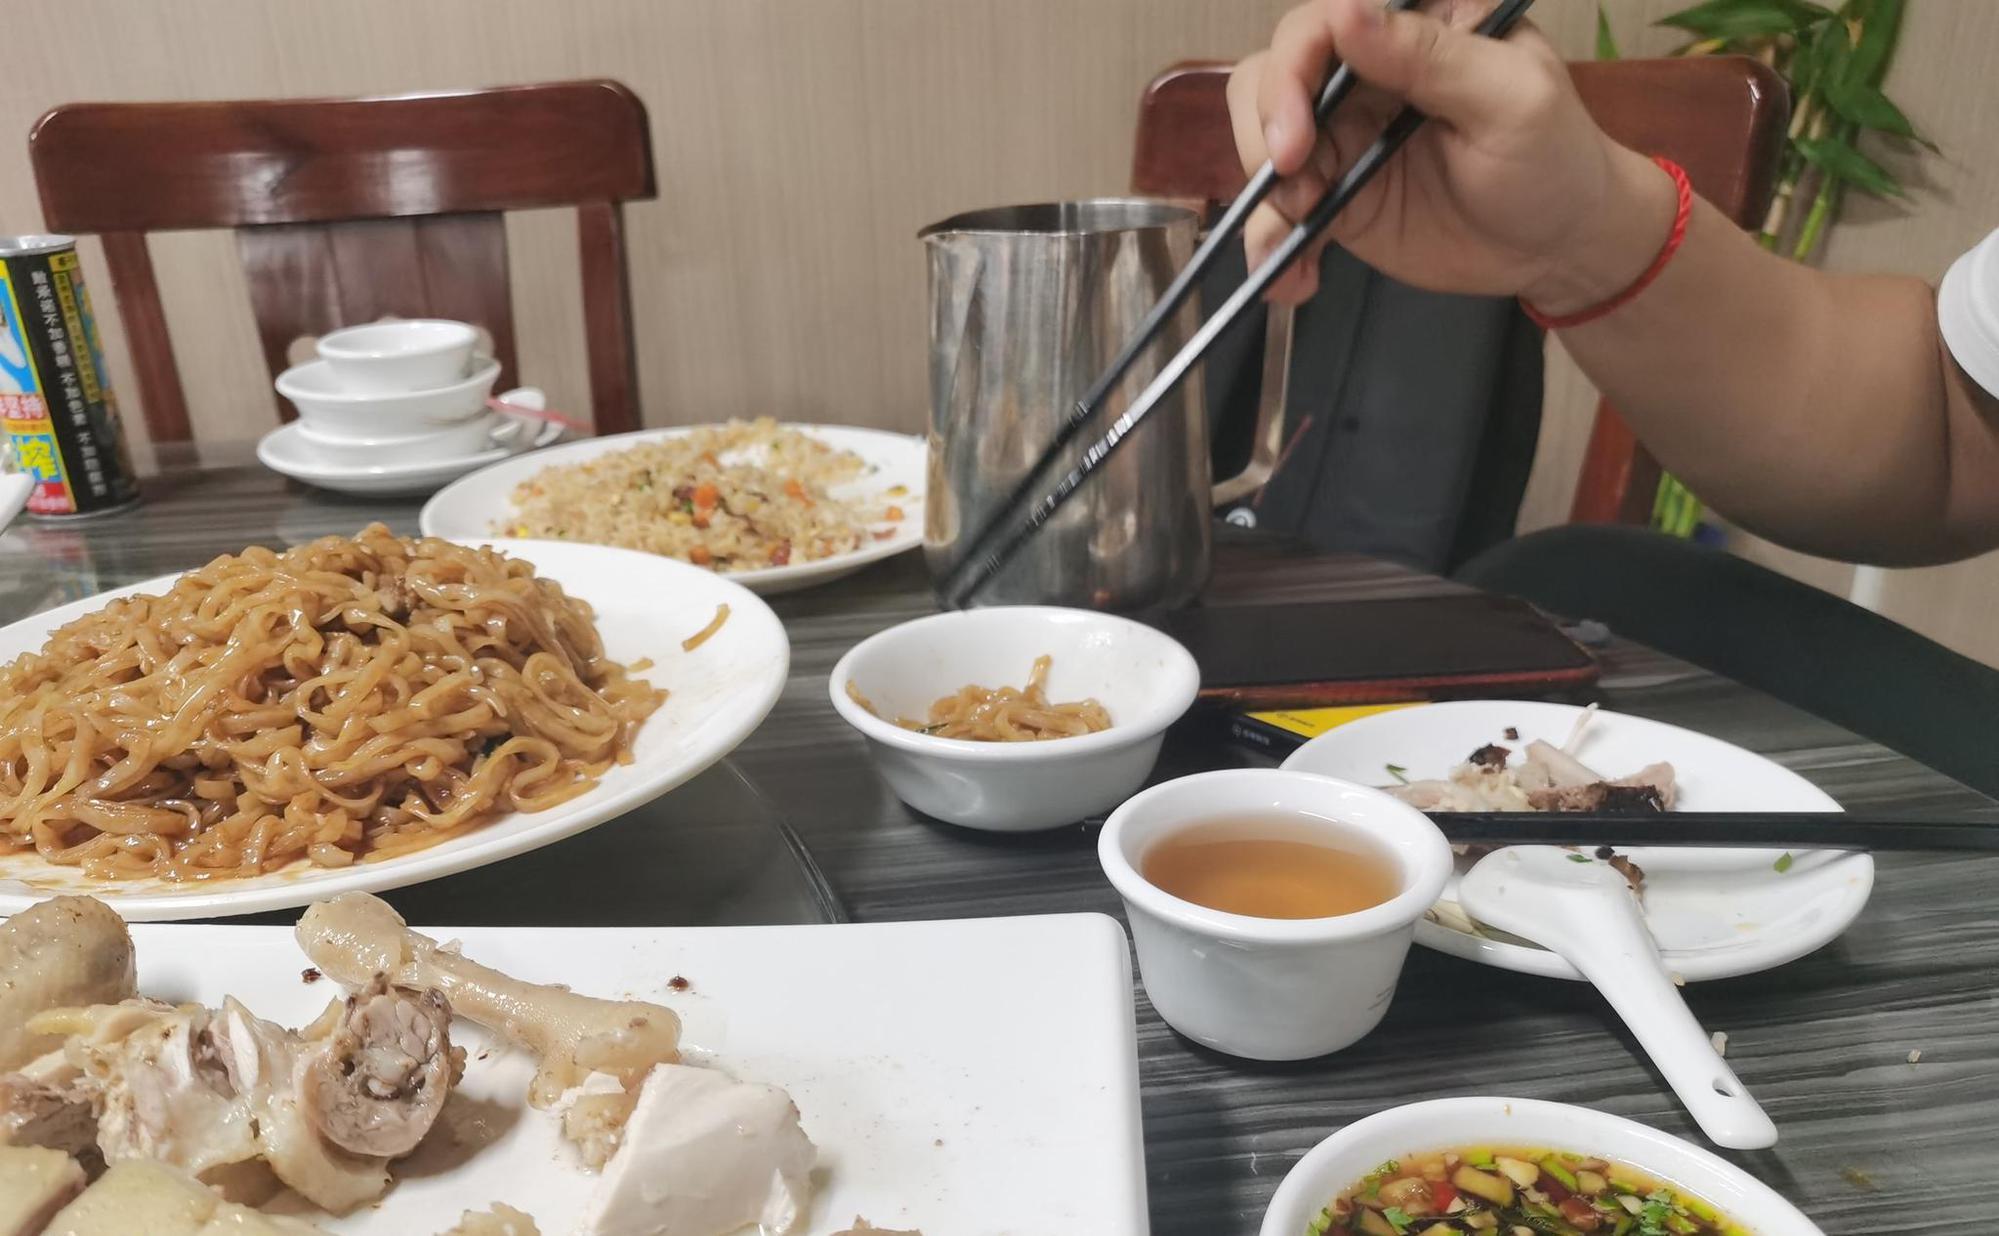 公筷公勺新规实施第一天,快来看看海口餐厅准备如何?